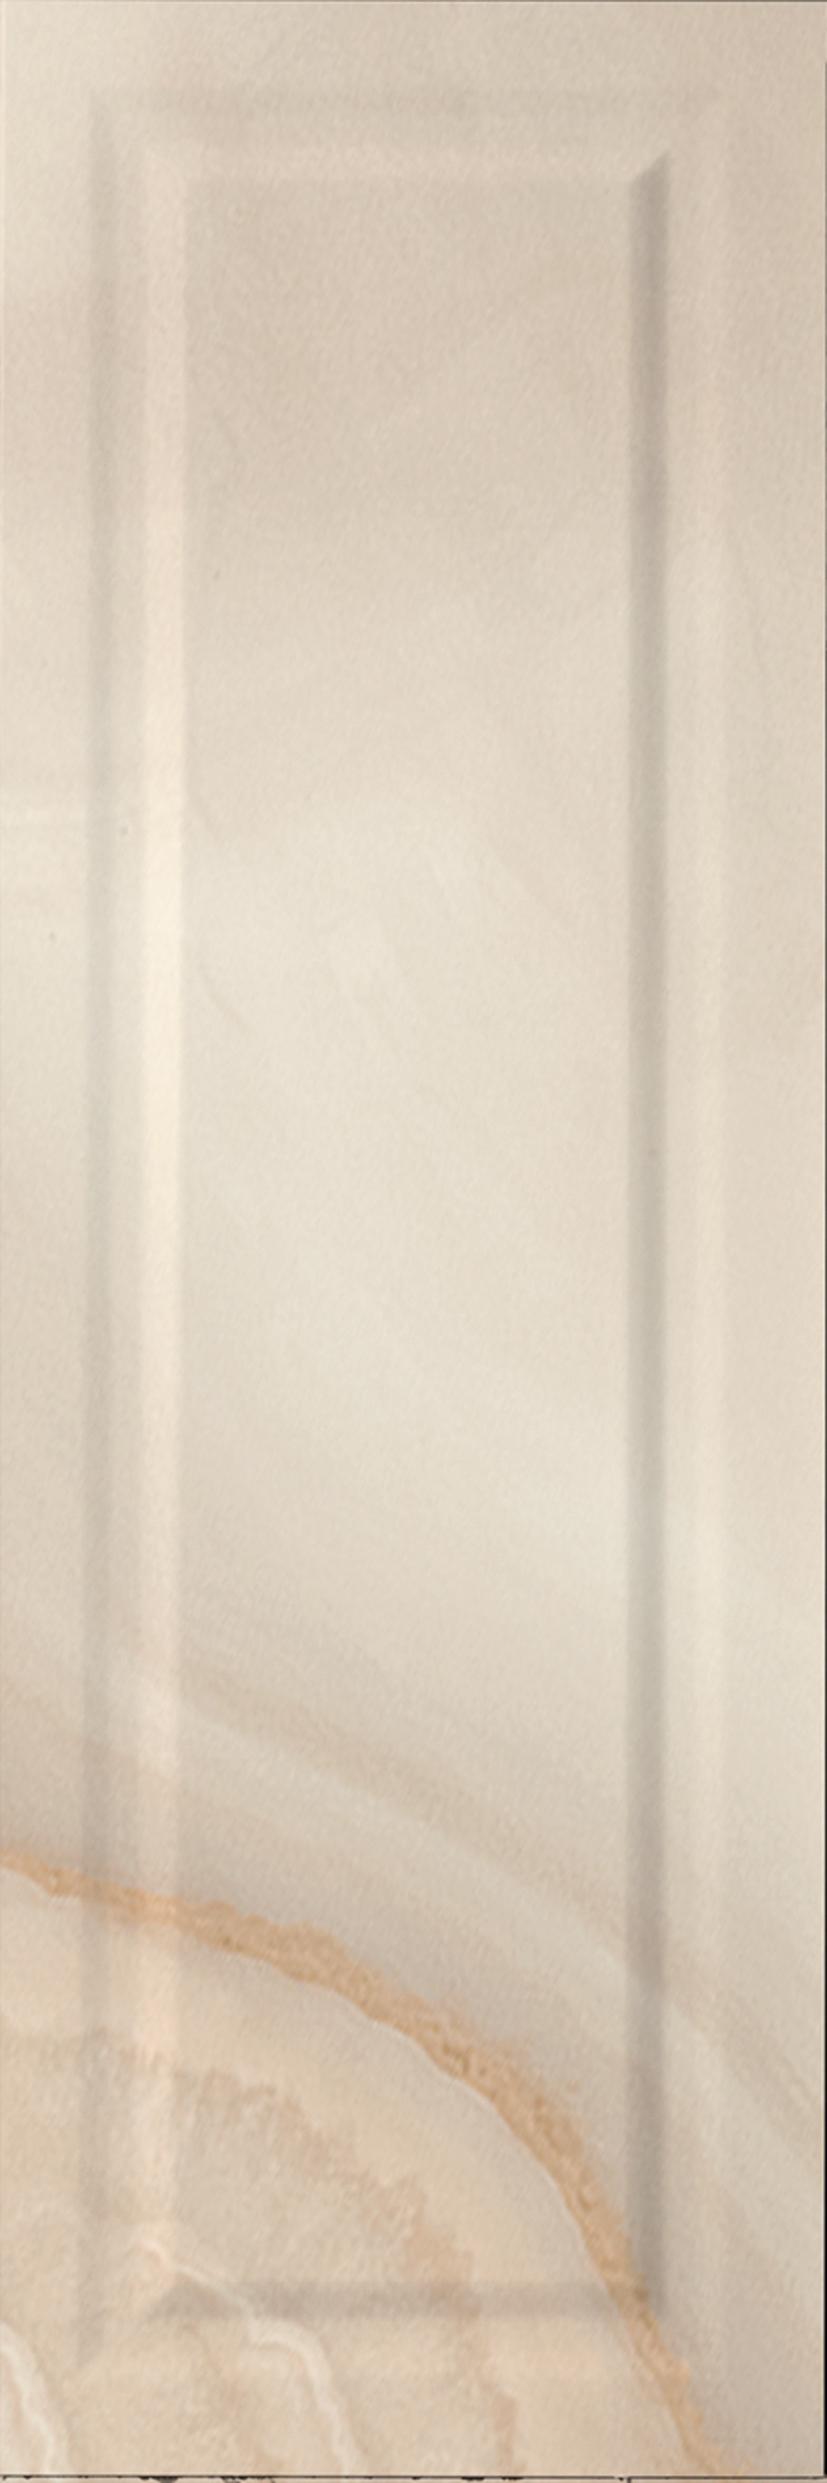 płytki ceramiczne dekoracja 30x90 Aparici Beyond Beige Middle